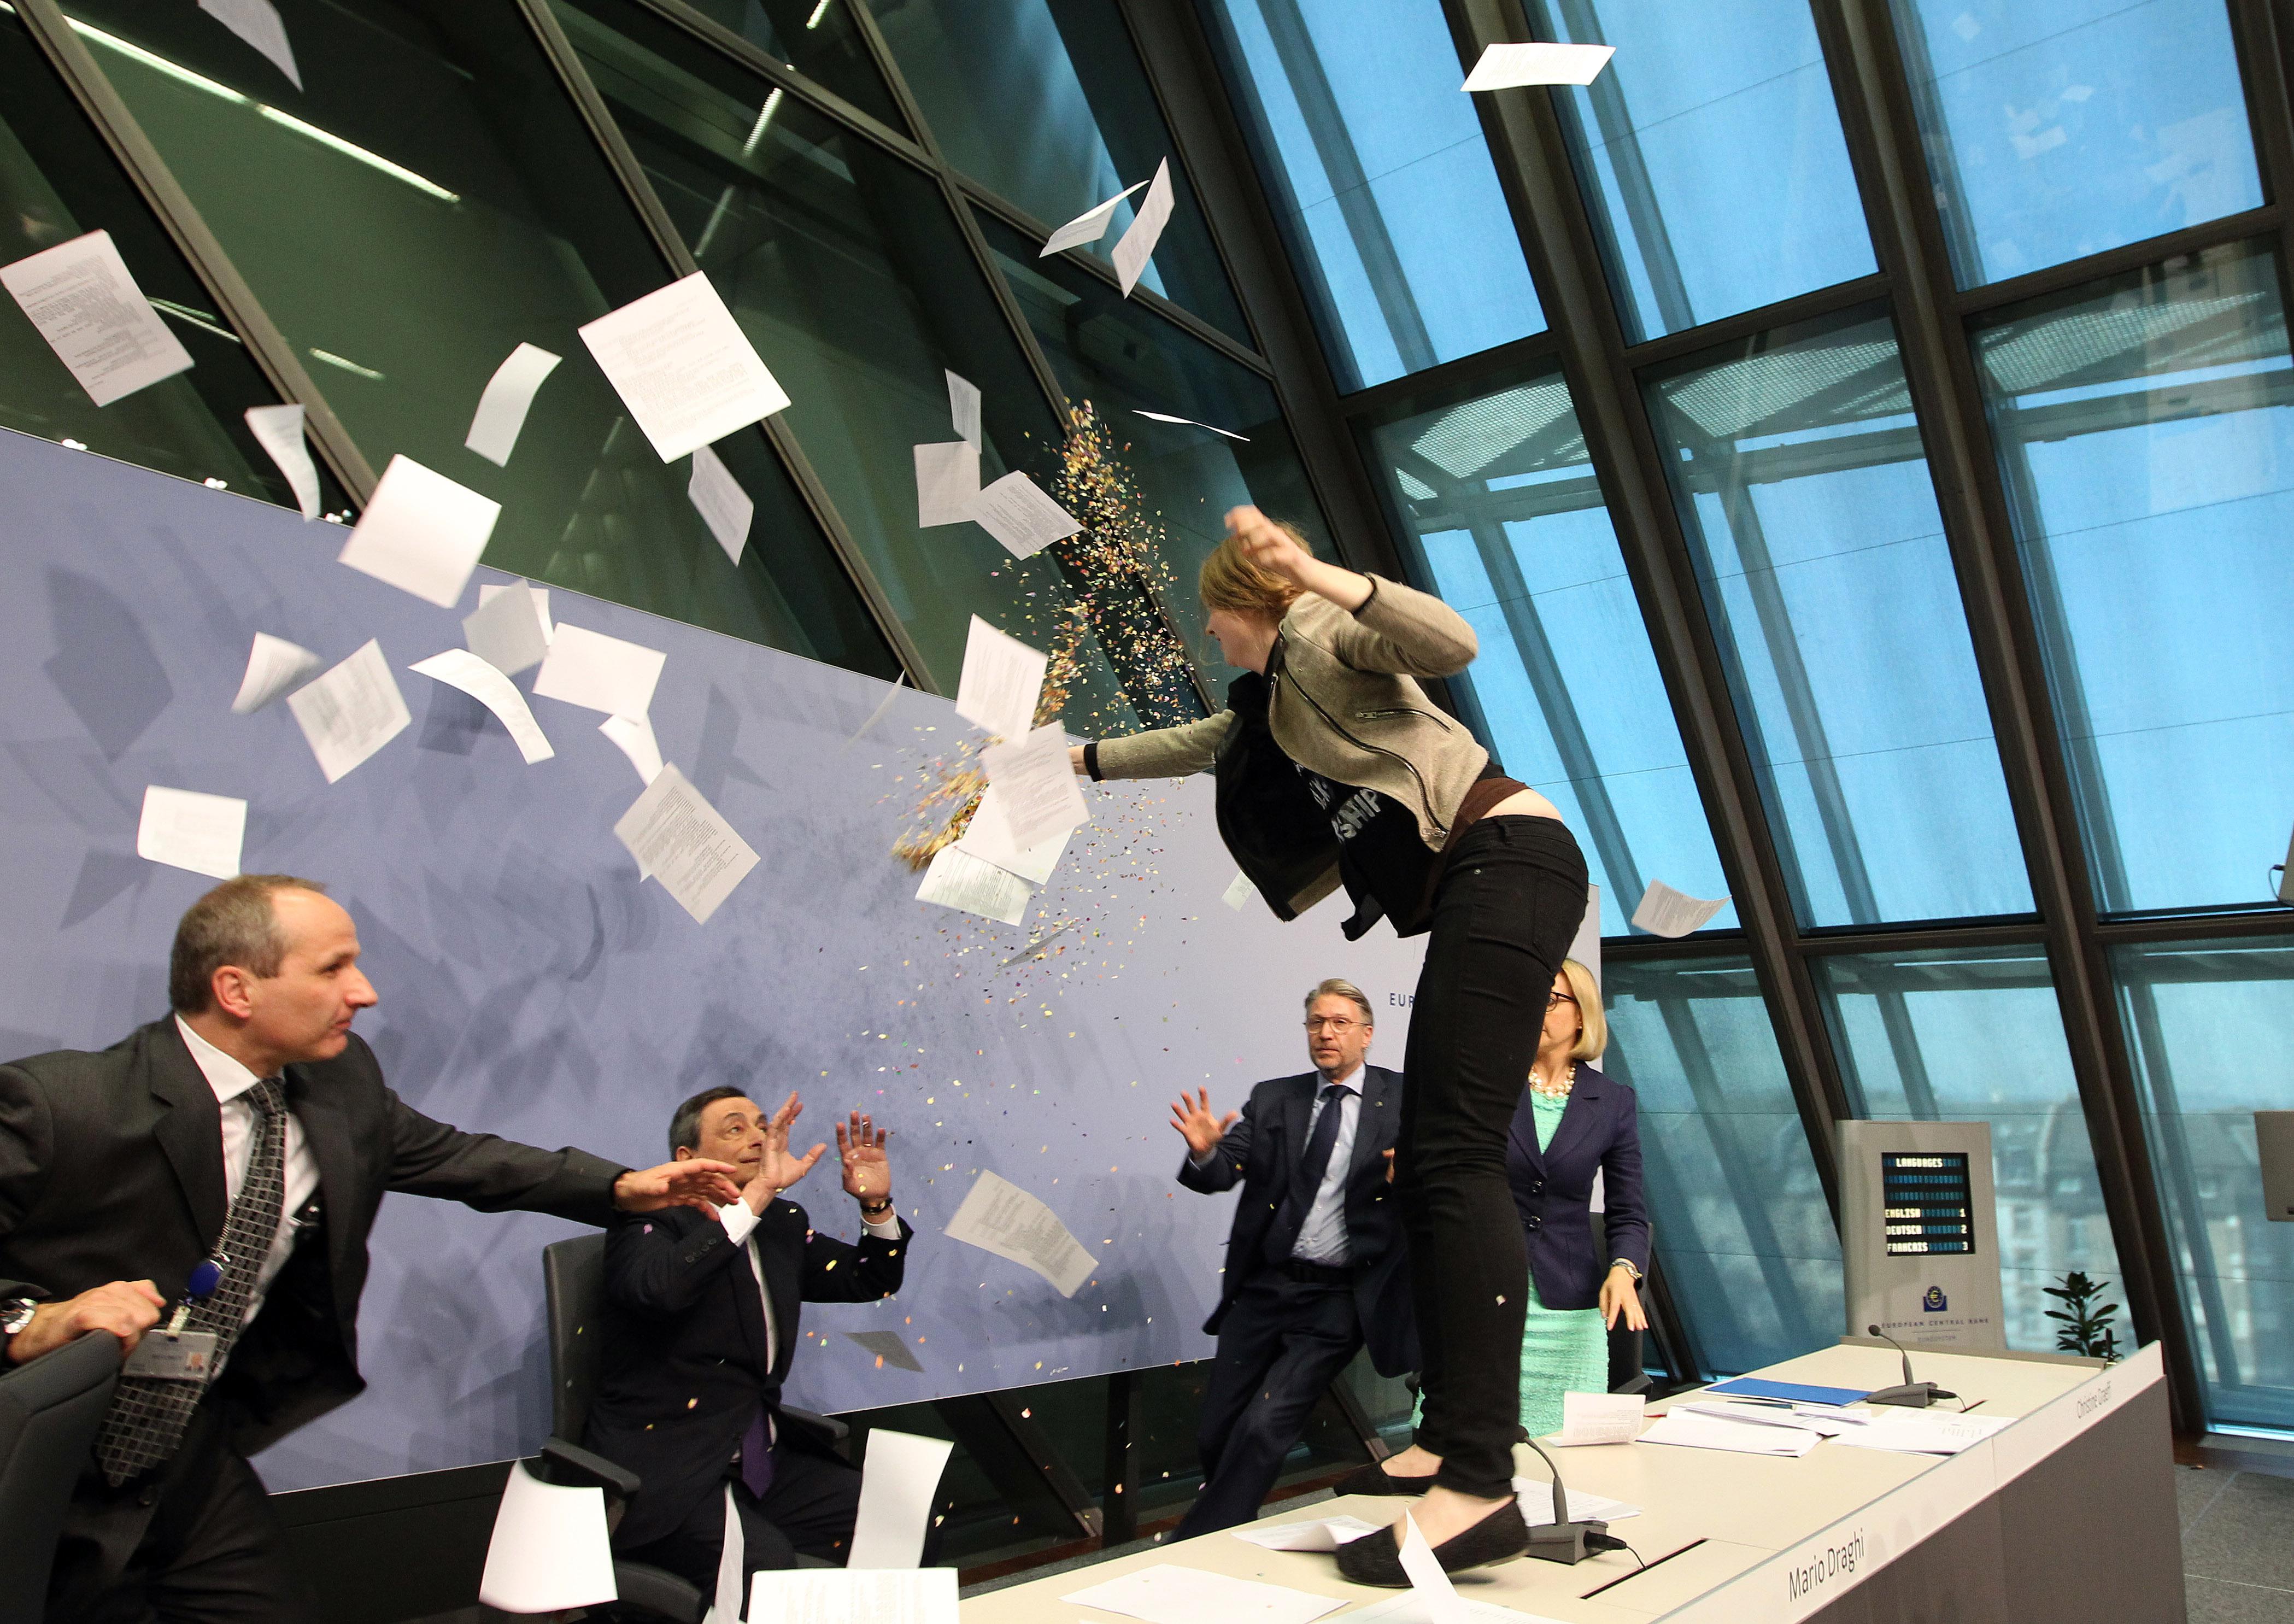 Az Európai Központi Bank aggódik az eurózóna stabilitása miatt